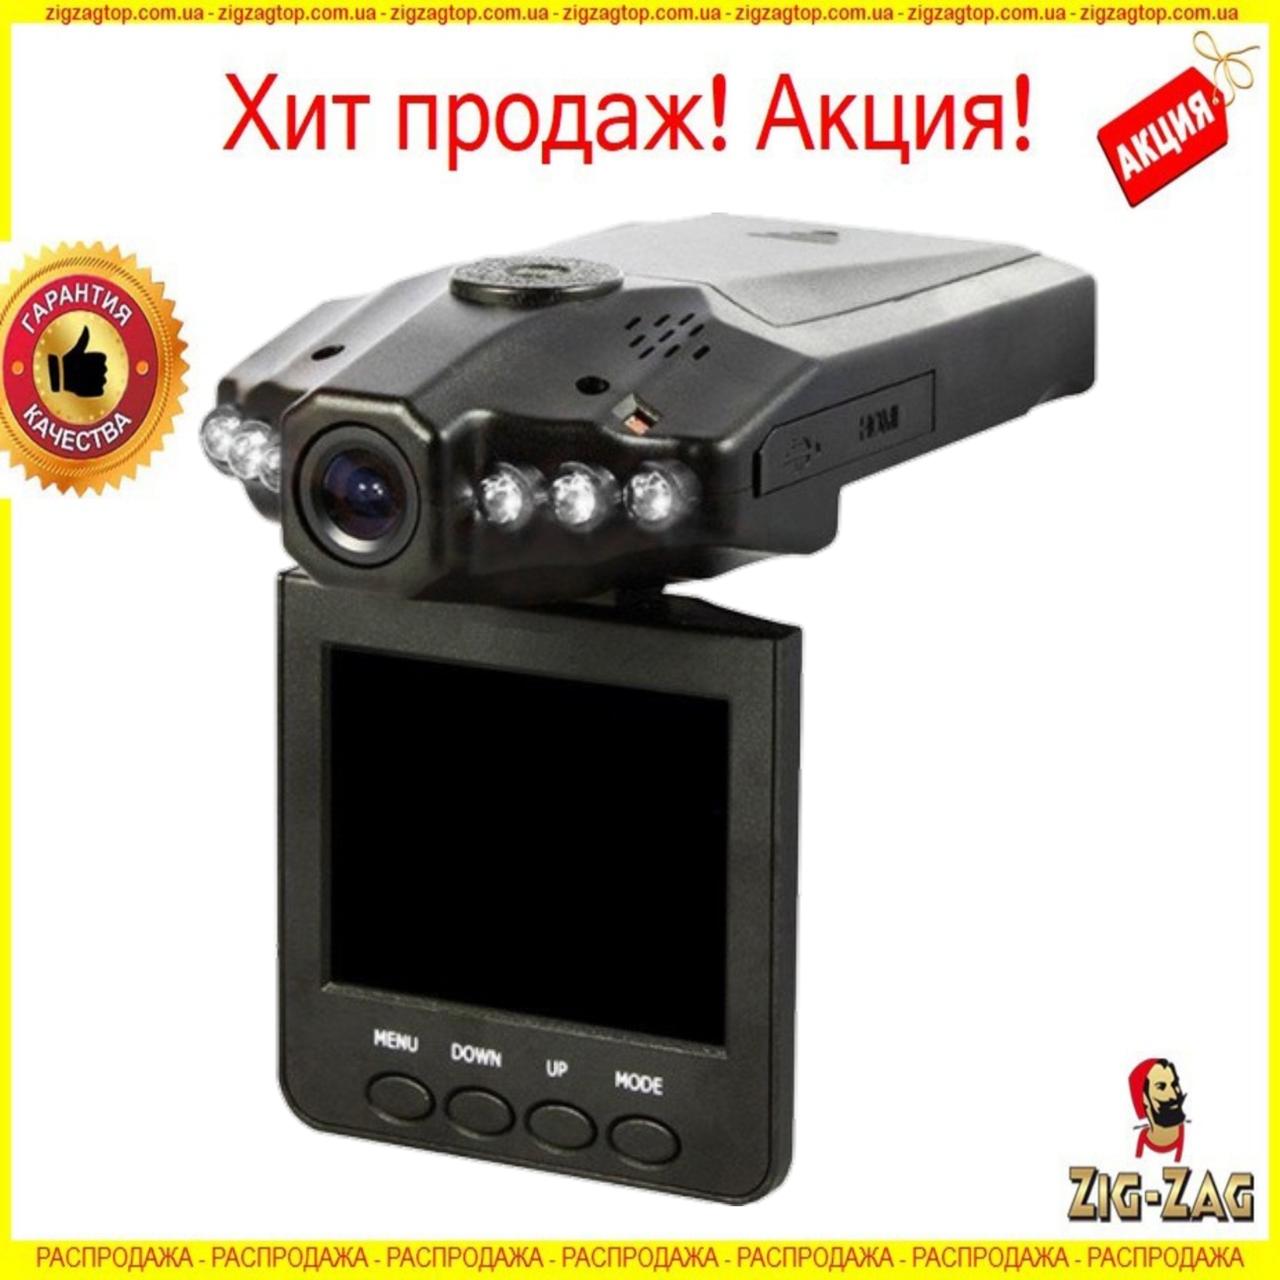 Автомобільний Відеореєстратор DVR H198 1280x720 Реєстратор Авто Відеореєстратор в Машину DVR-027 BLACK BOX